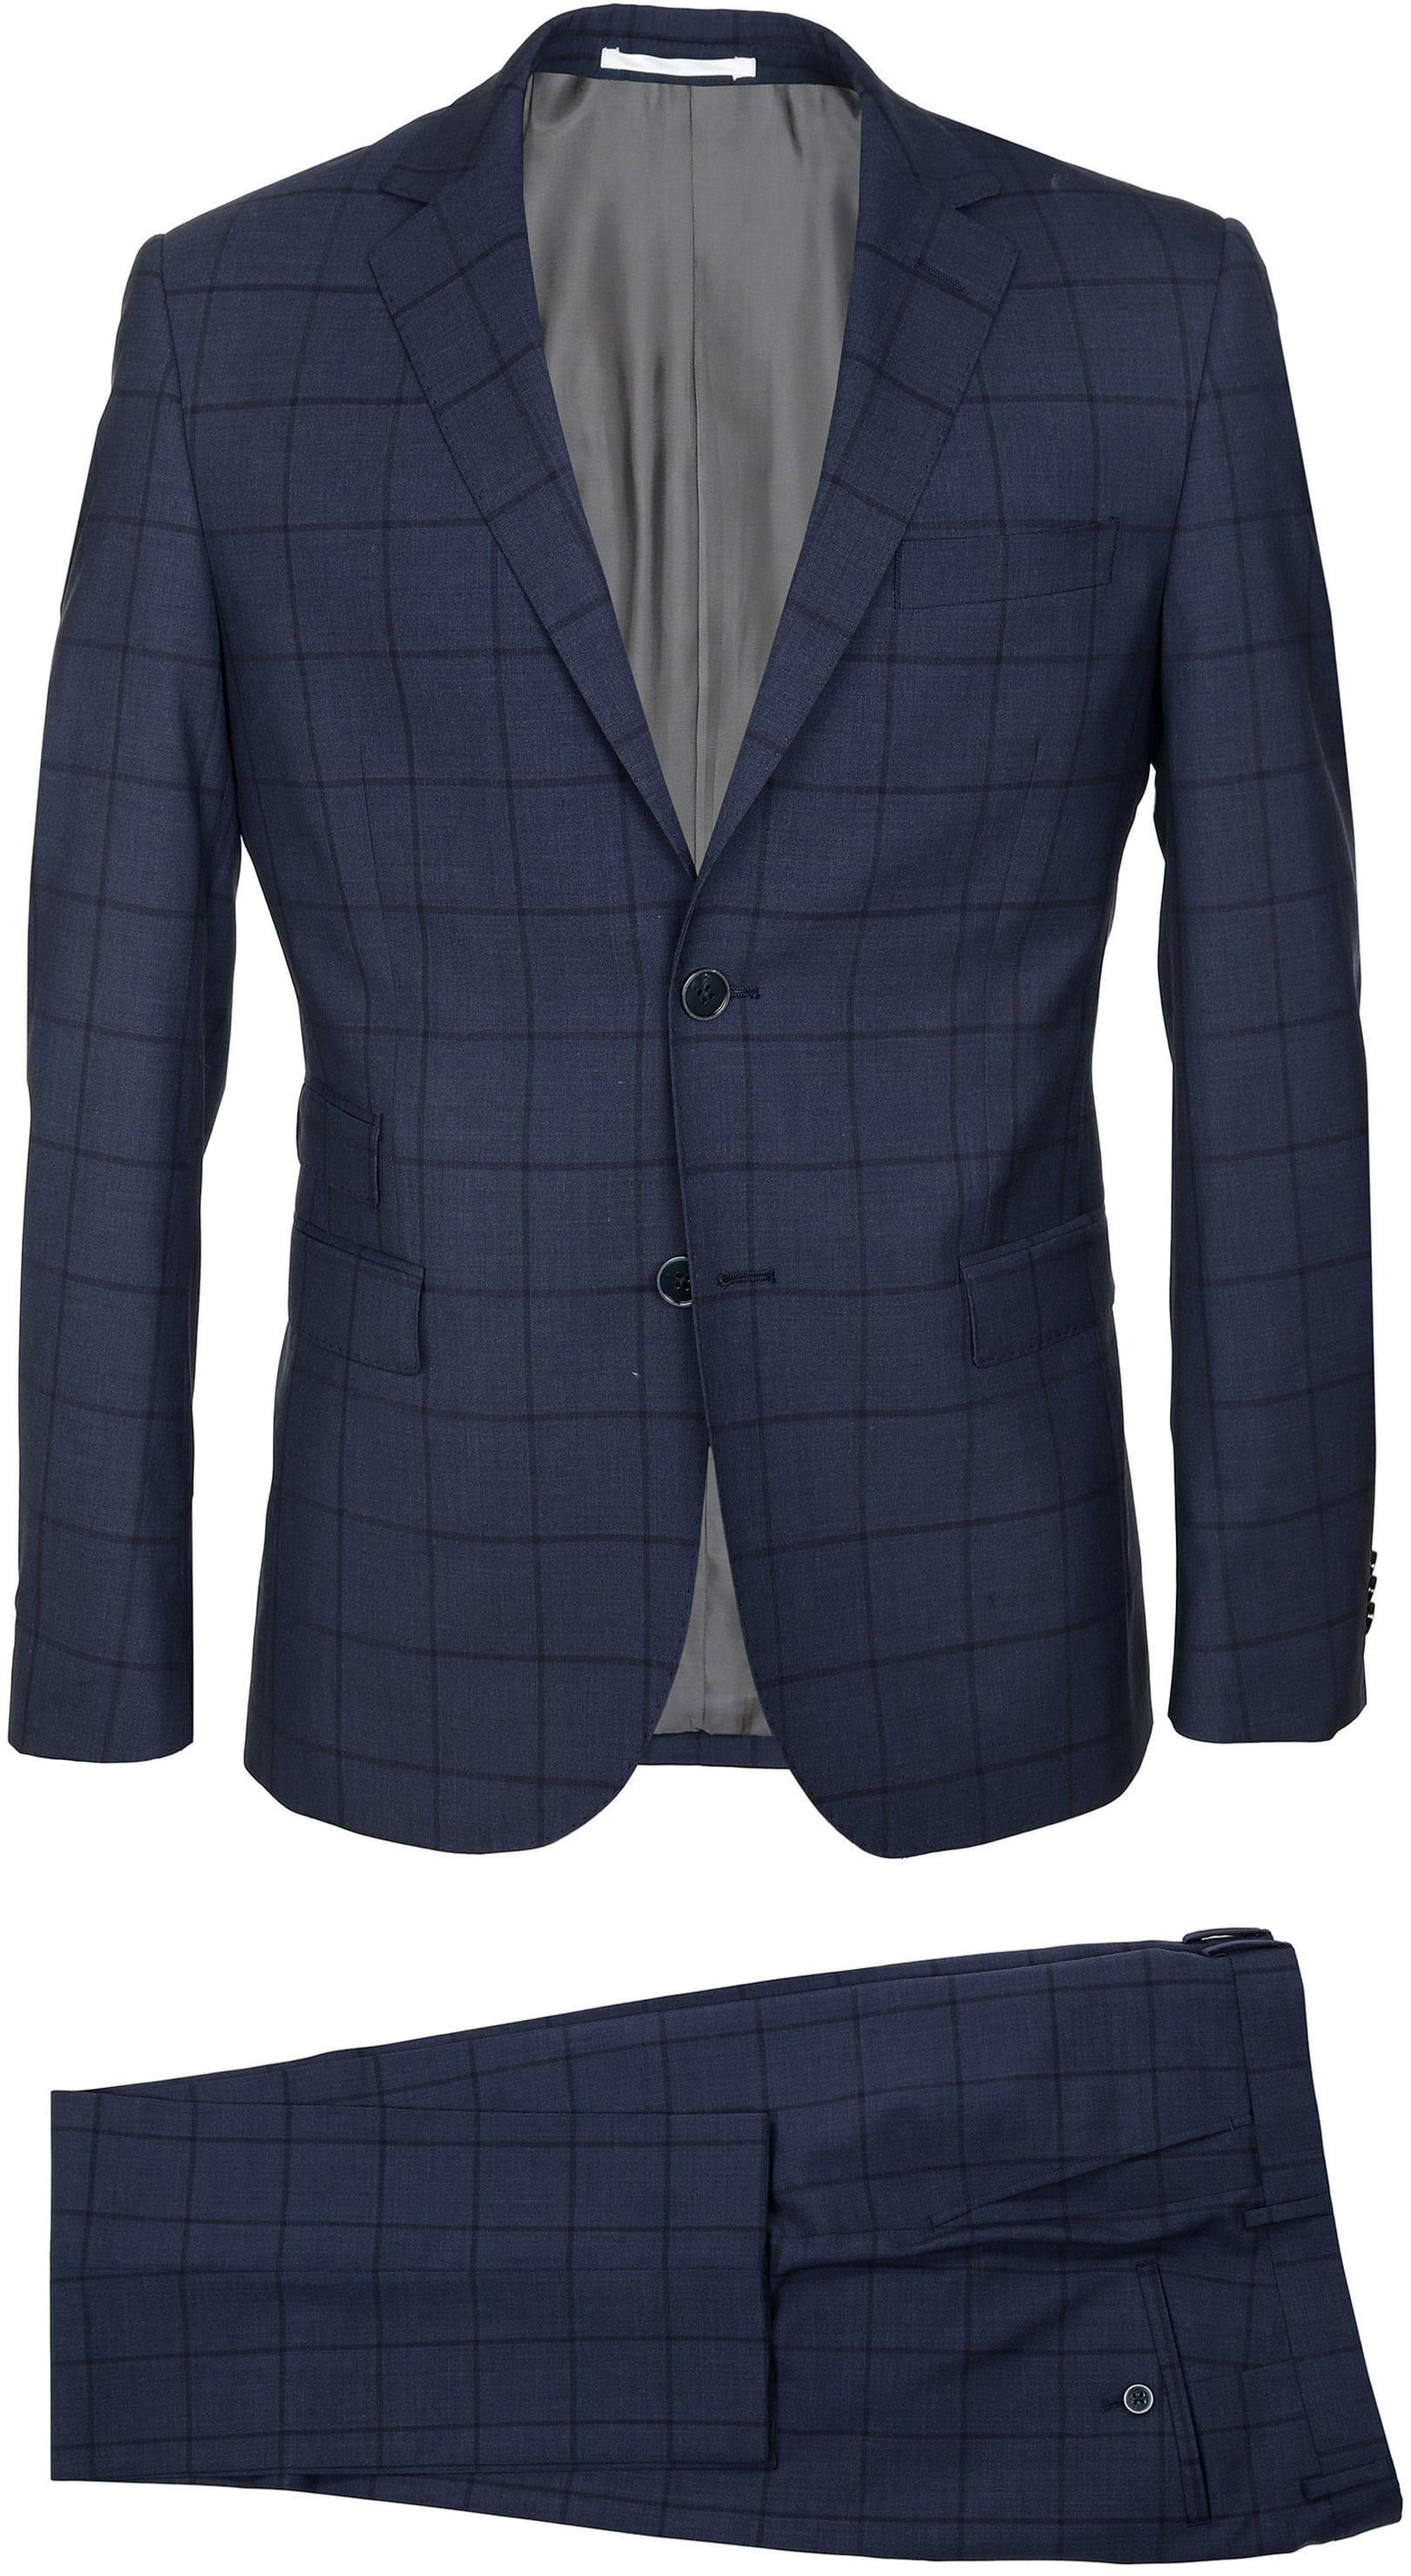 Suitable Suit Lucius Checks foto 2